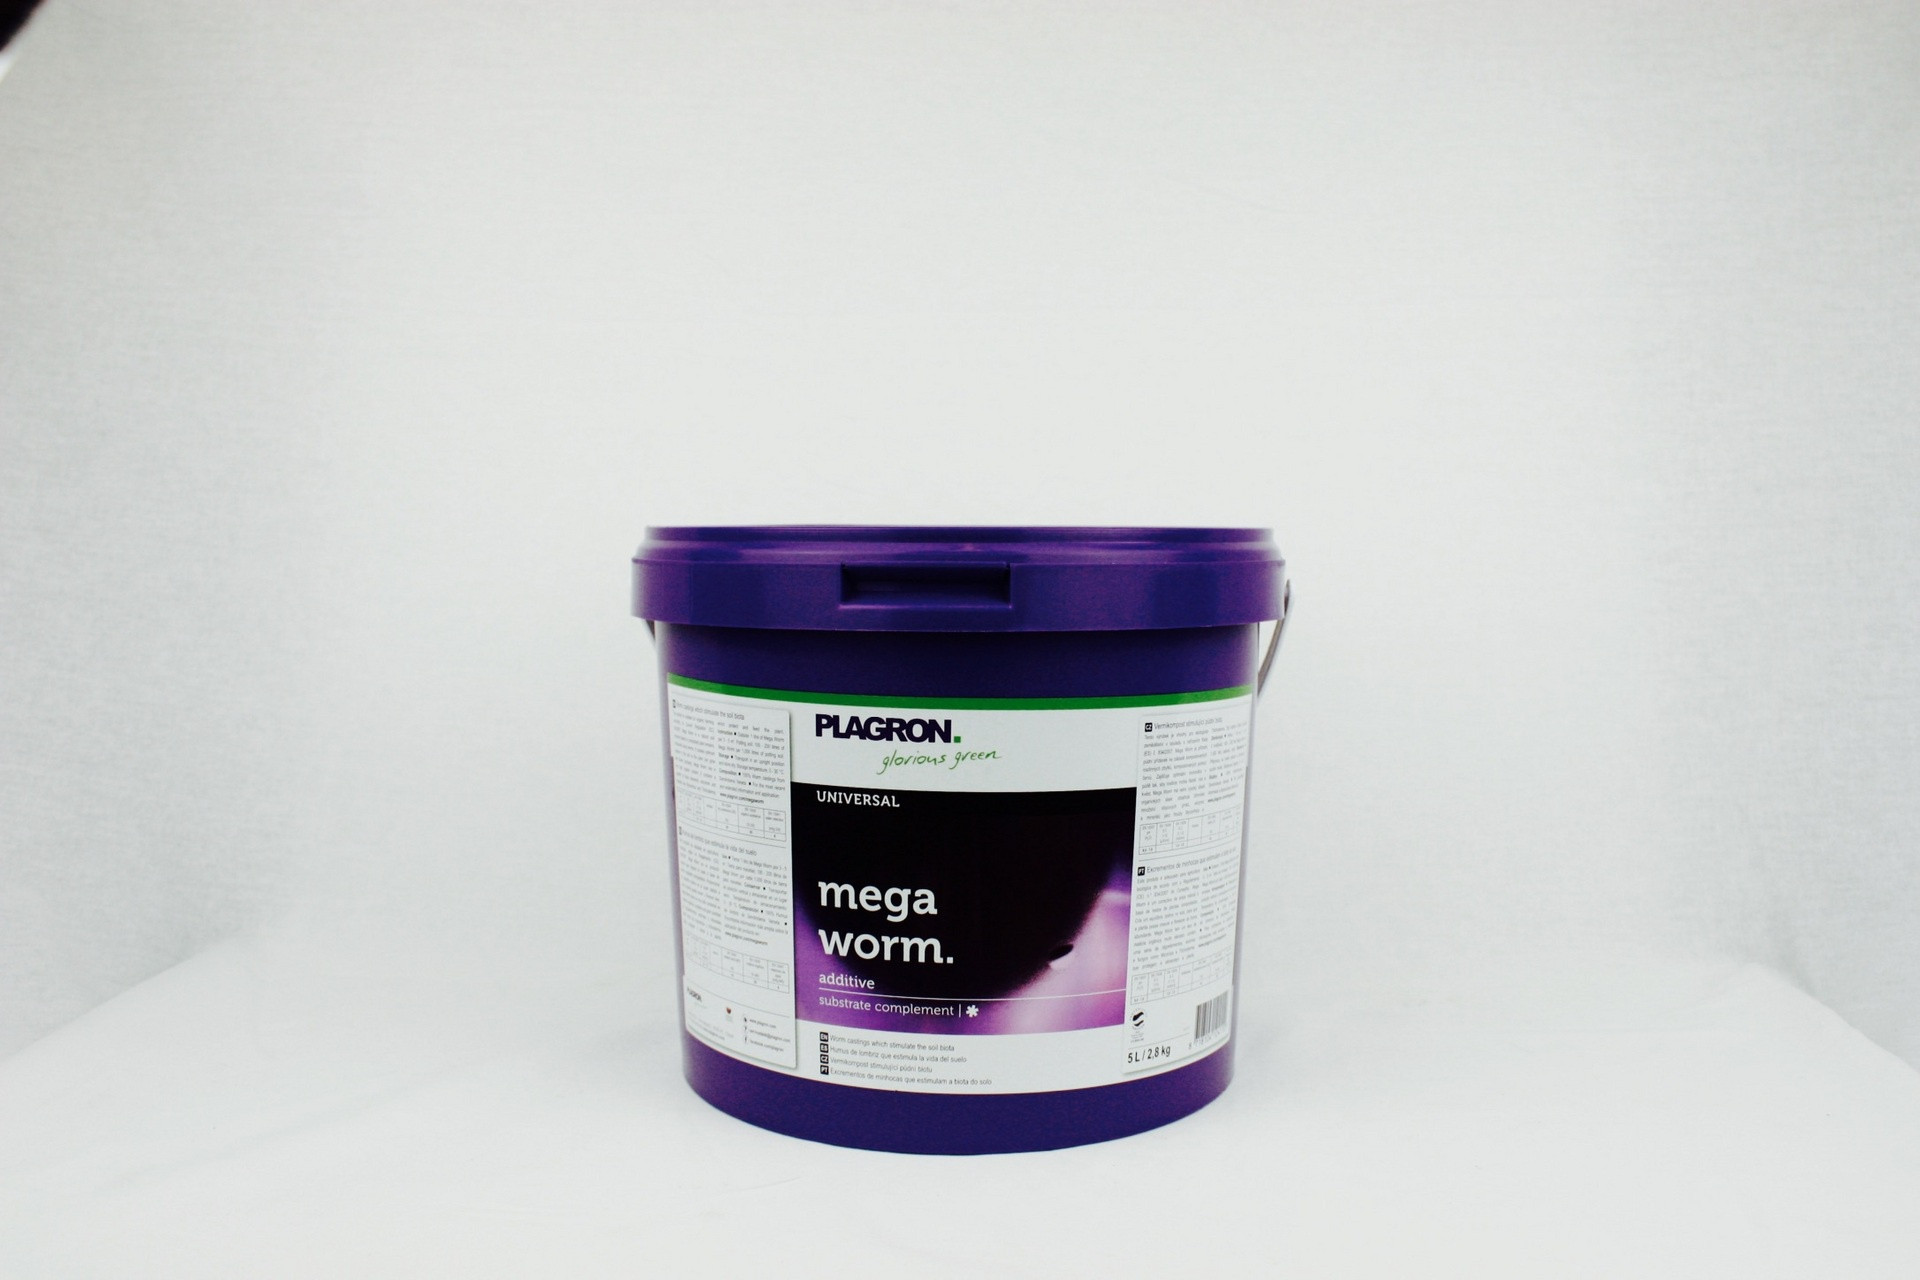 PLAGRON Megaworm 5 LITRE